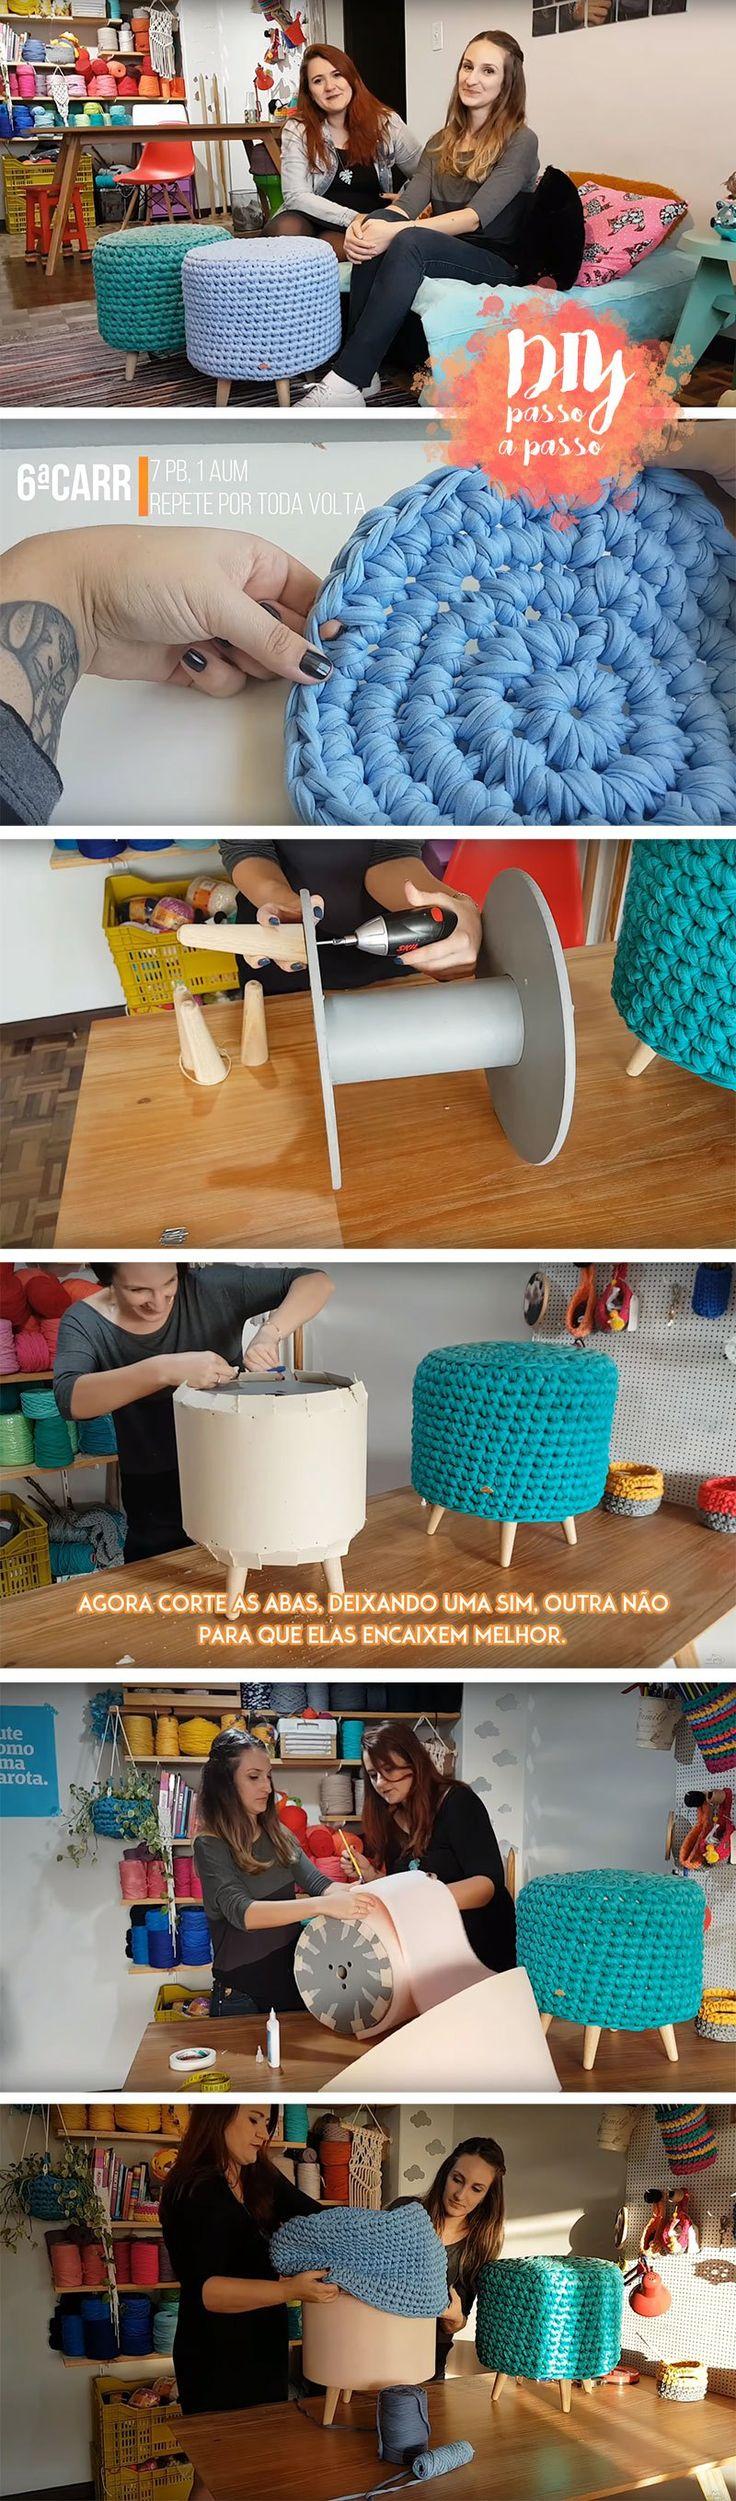 Pufe de Carretel Max Crochê Nat Petry RabHouse Blog Remobília